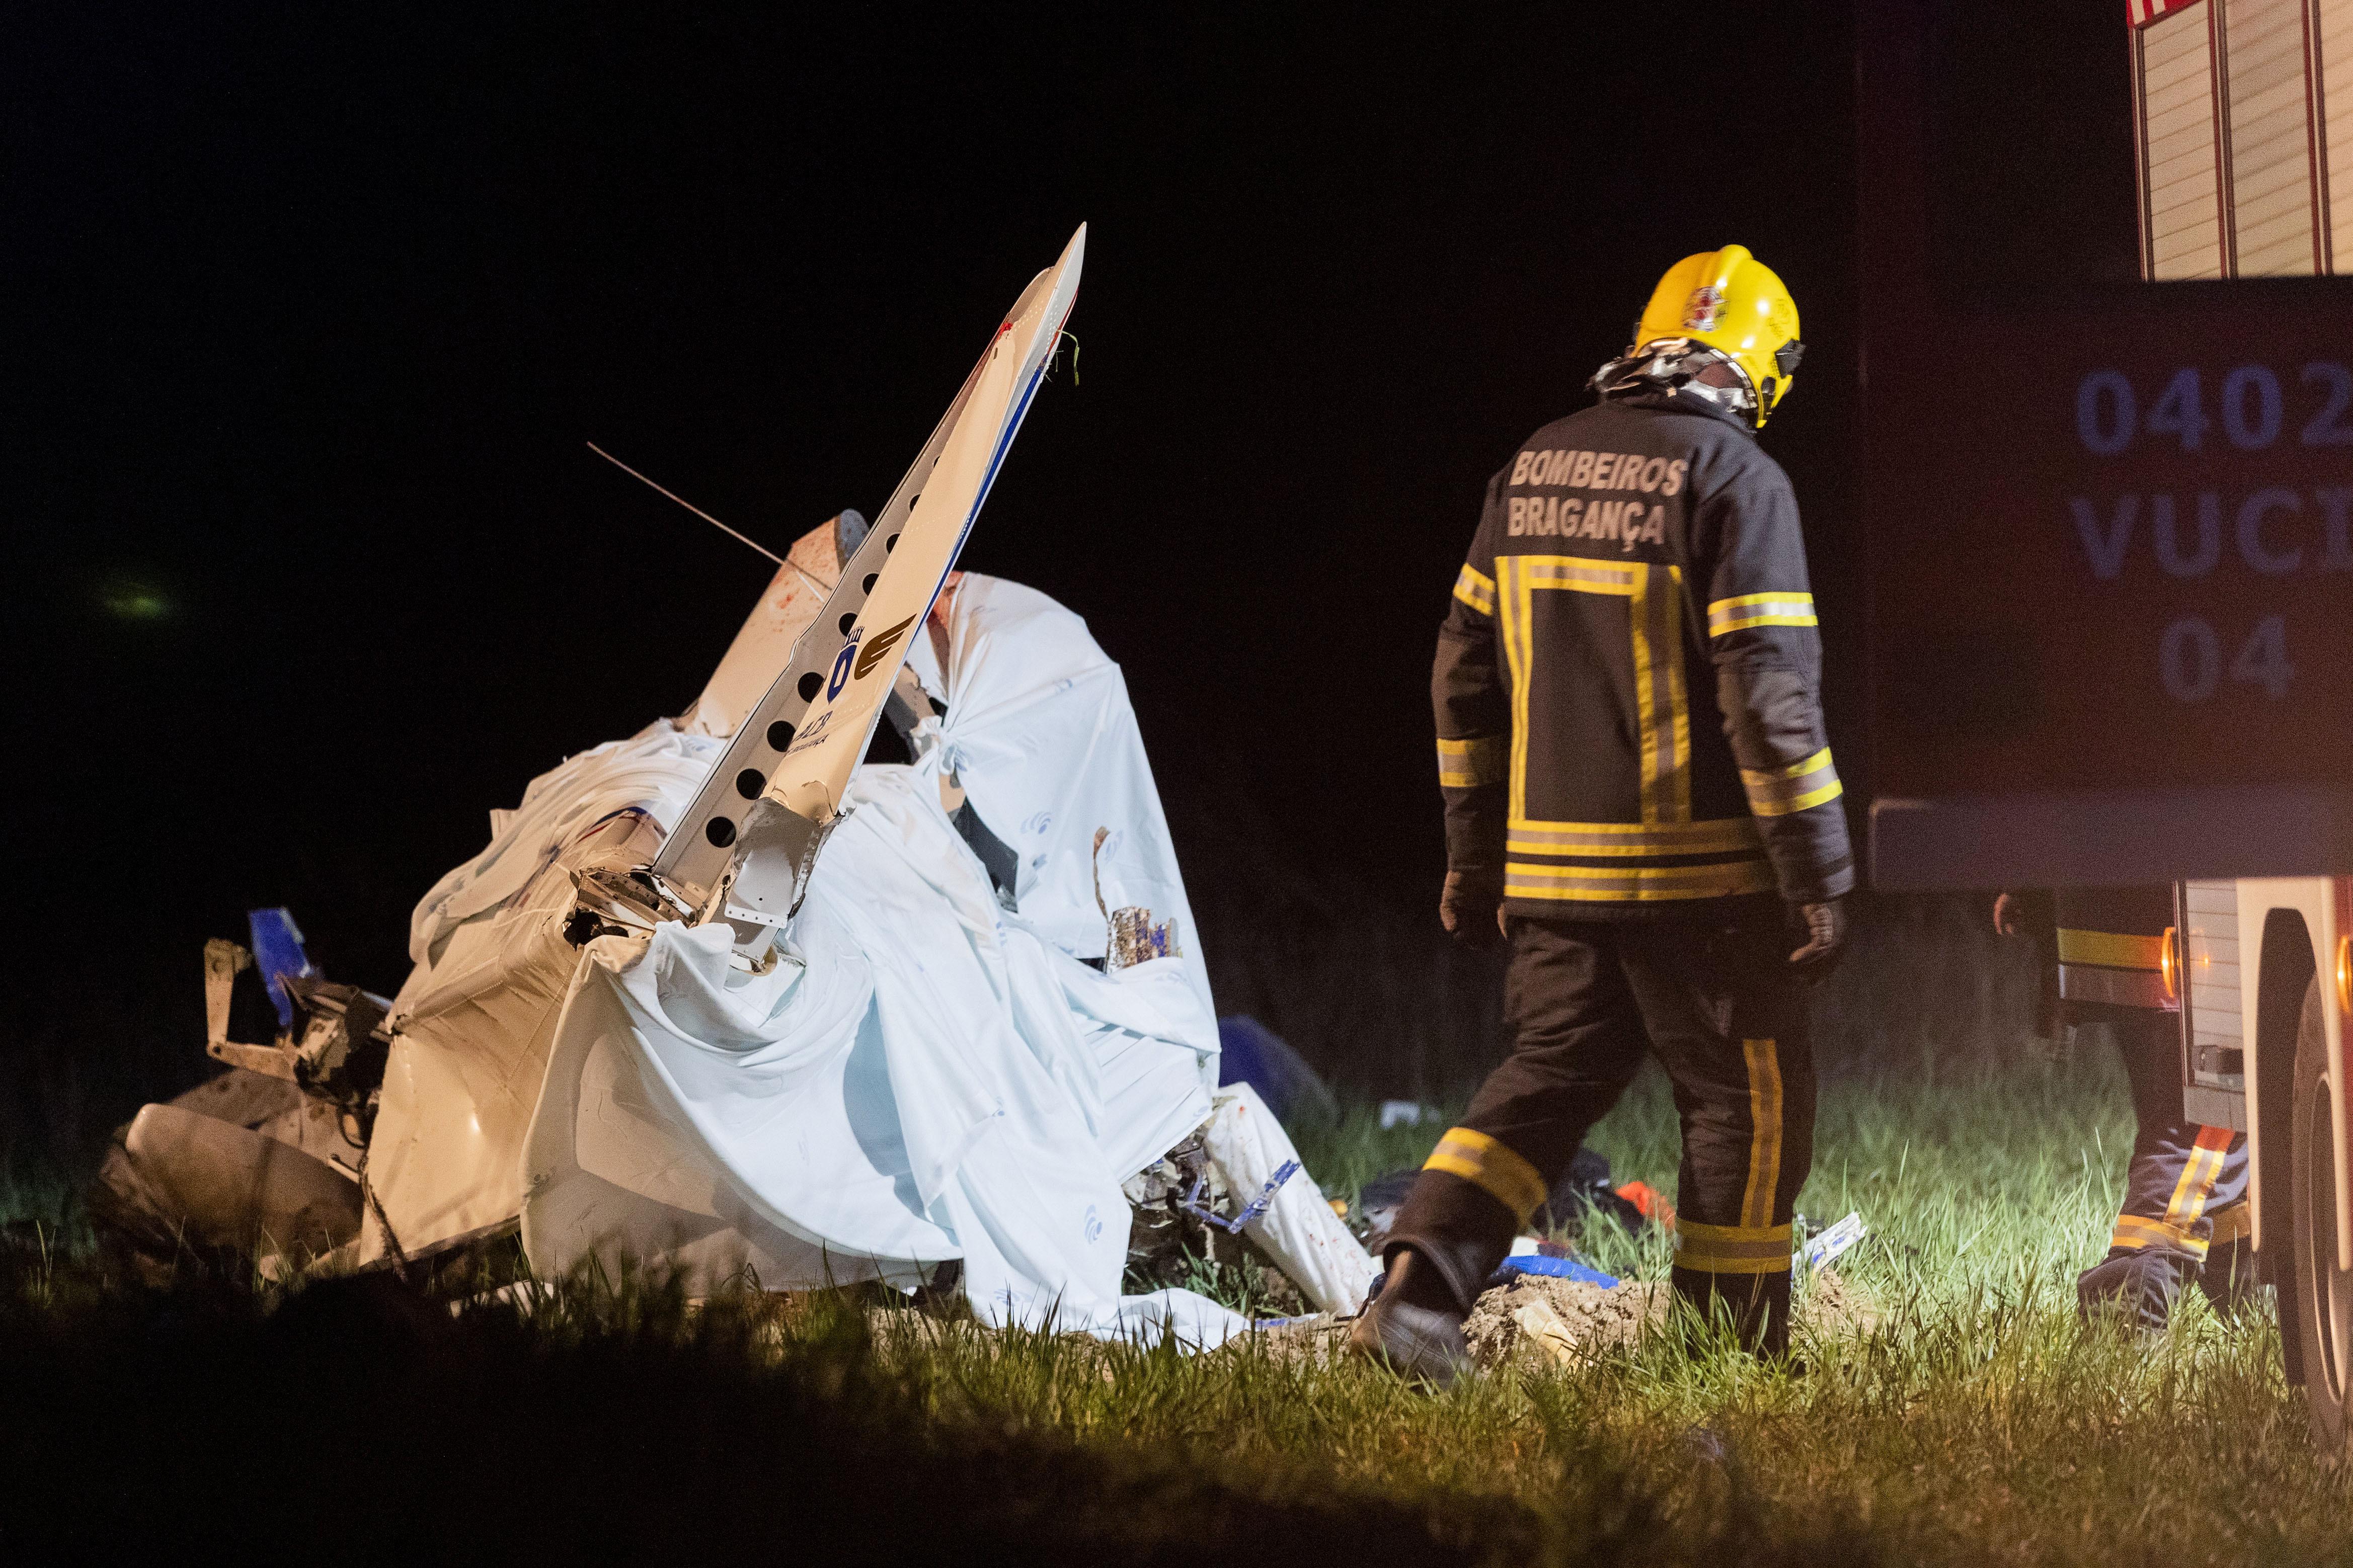 Peritos já estão em Bragança para investigar acidente de aviação mortal